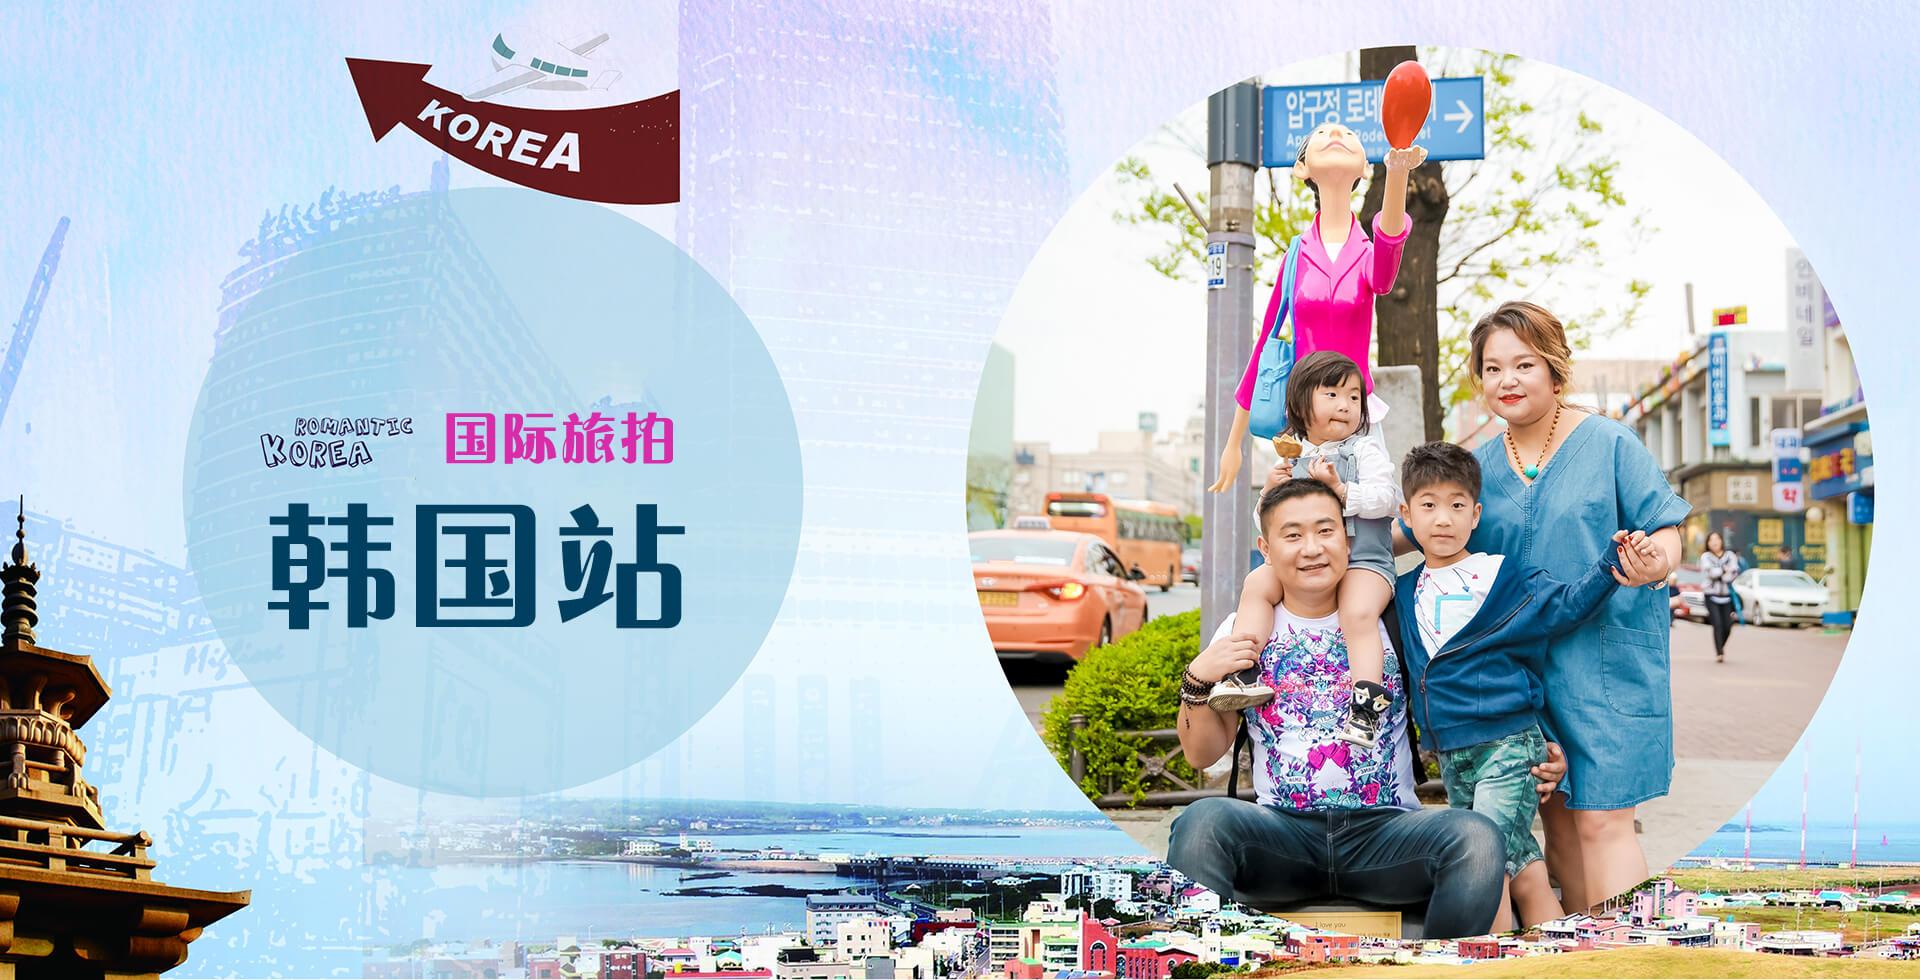 国际旅拍-韩国站